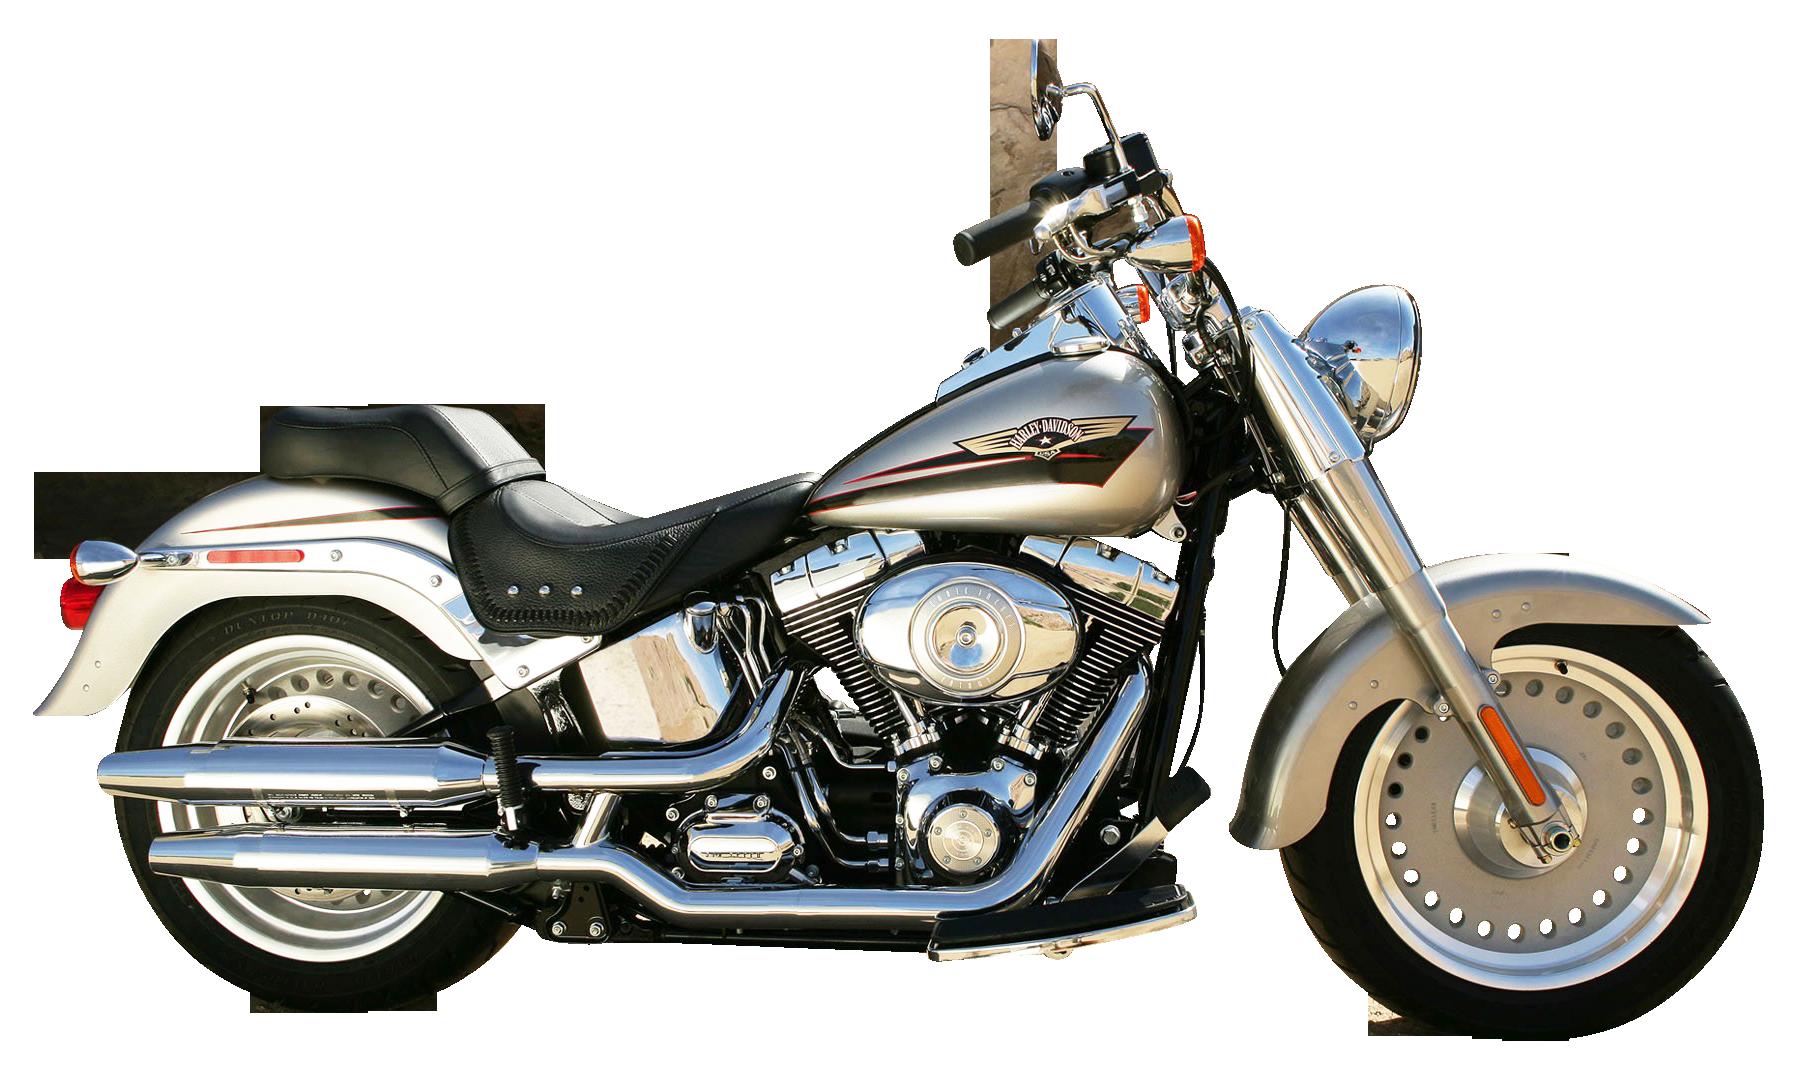 Harley Davidson Silver Png Image Harley Davidson Images Harley Davidson Harley